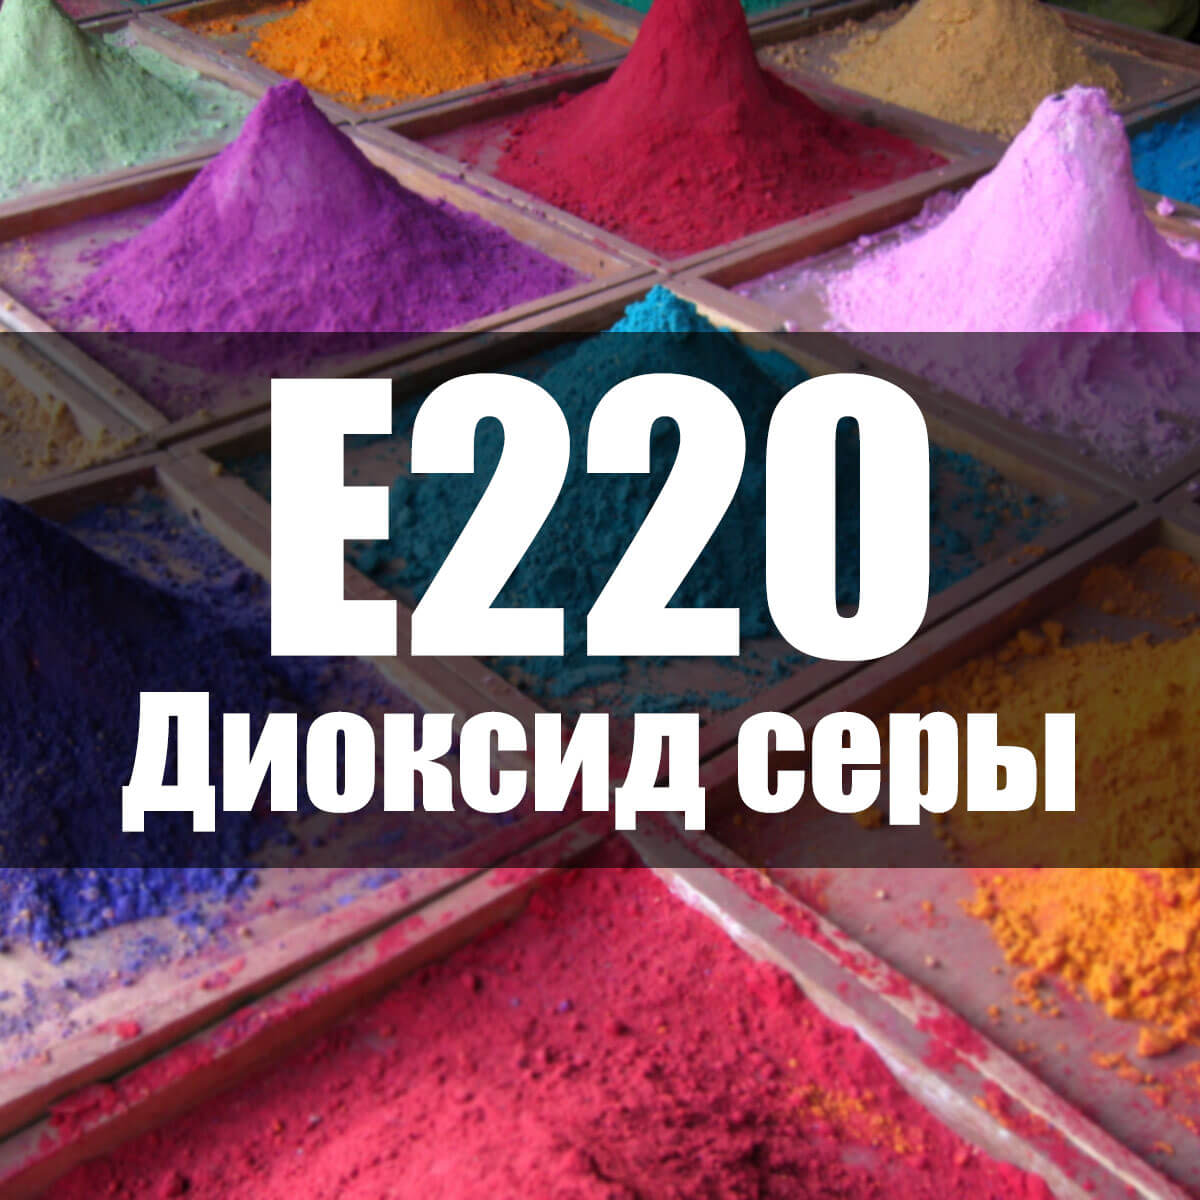 Пищевая добавка Е 220 - диоксид серы: что это такое, влияние на организм